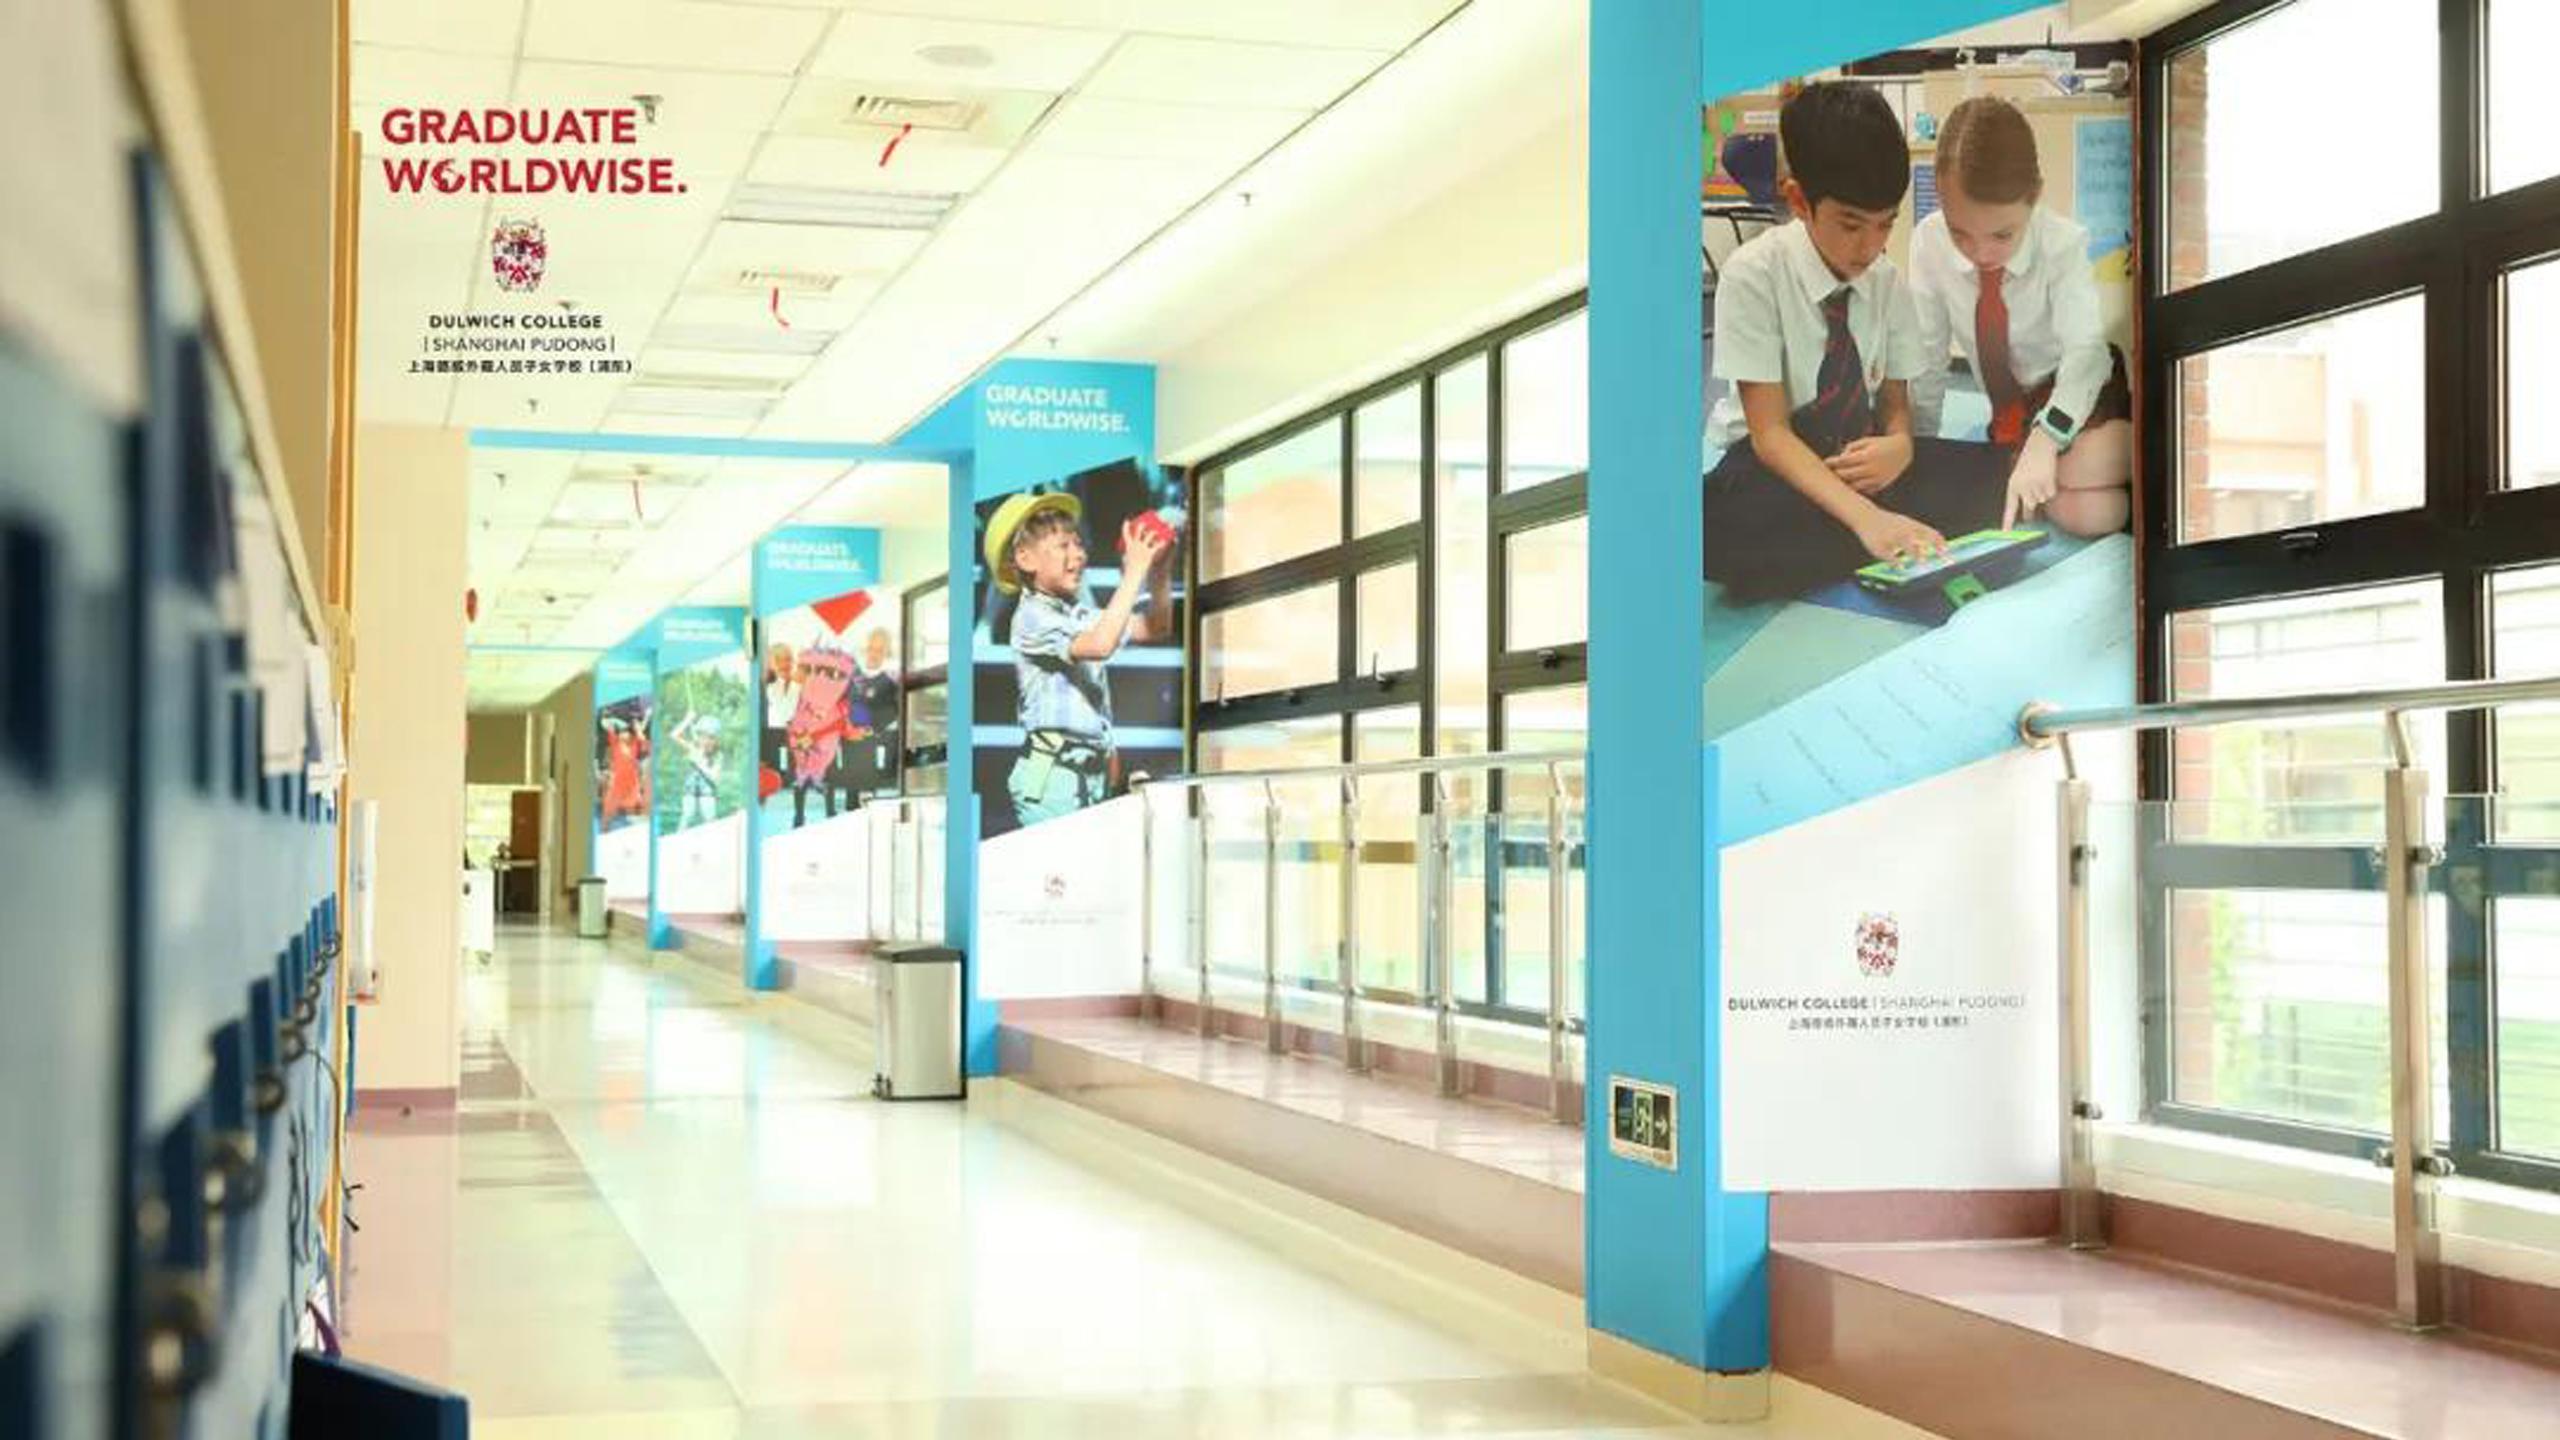 4-上海德威外籍人员子女学校(浦东)-20200423-204830-860